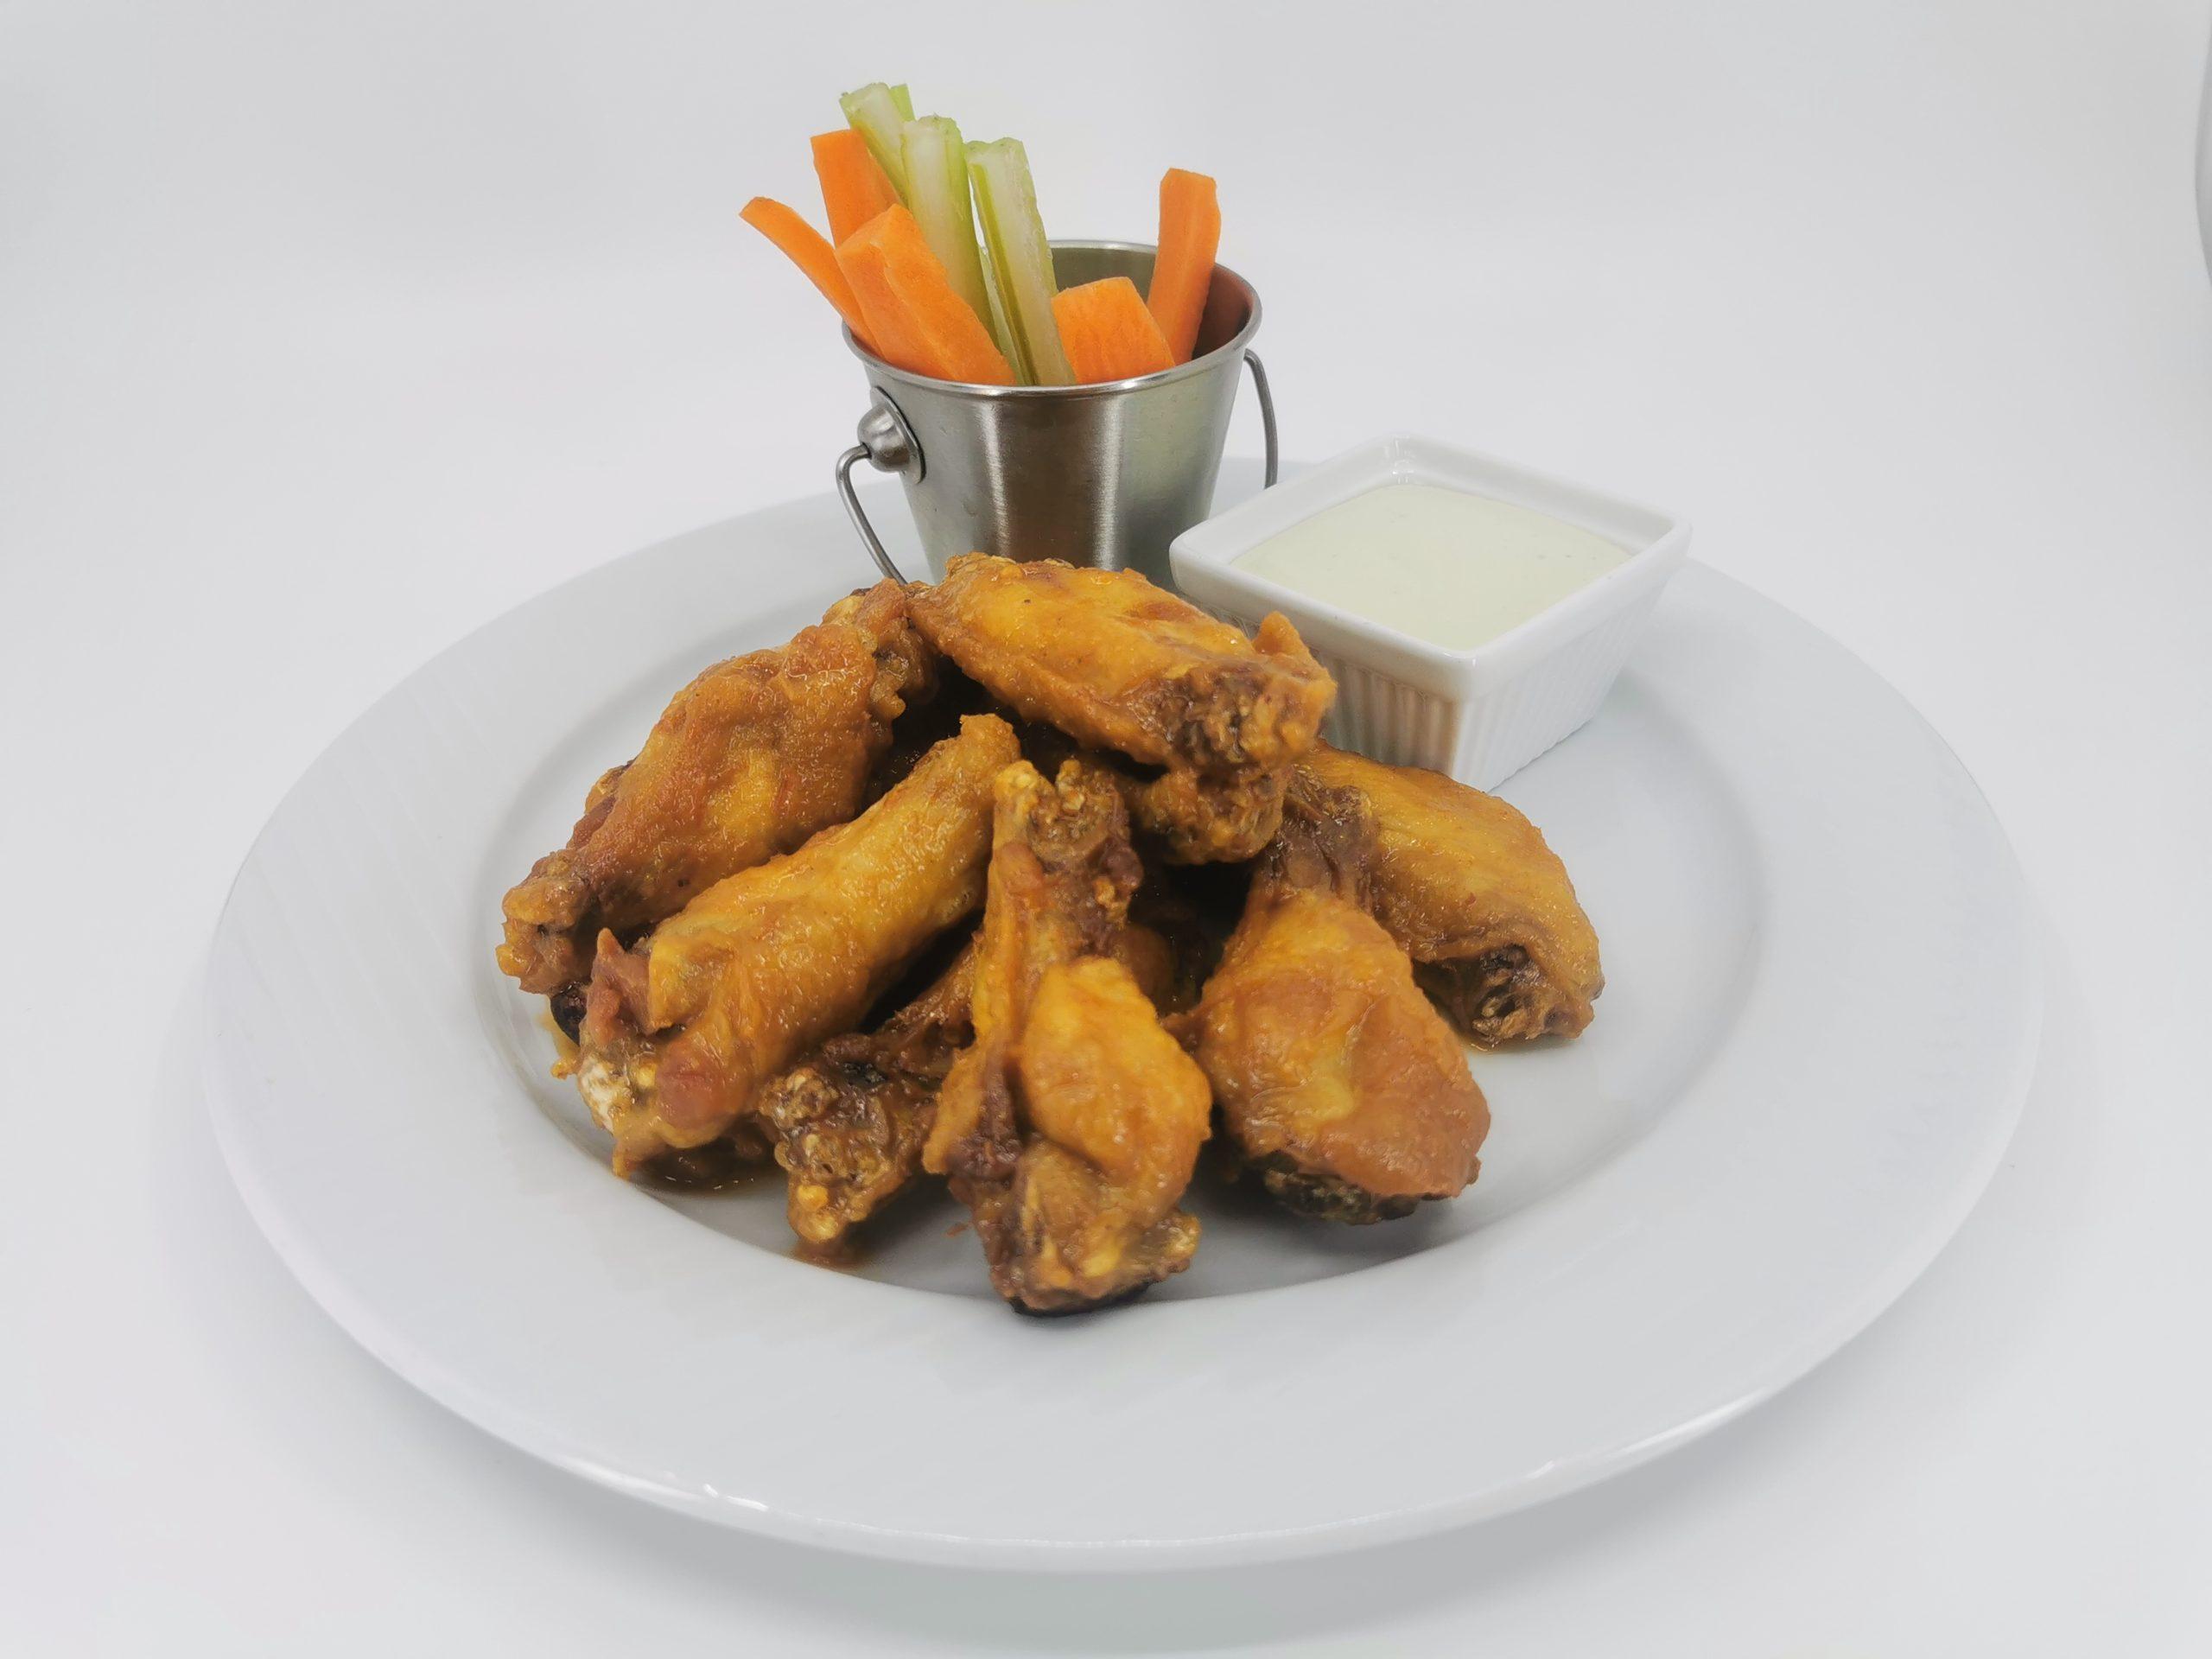 Chicken wings SPICY 12pcs / Kuřecí křidélka PÁLIVÁ 12ks